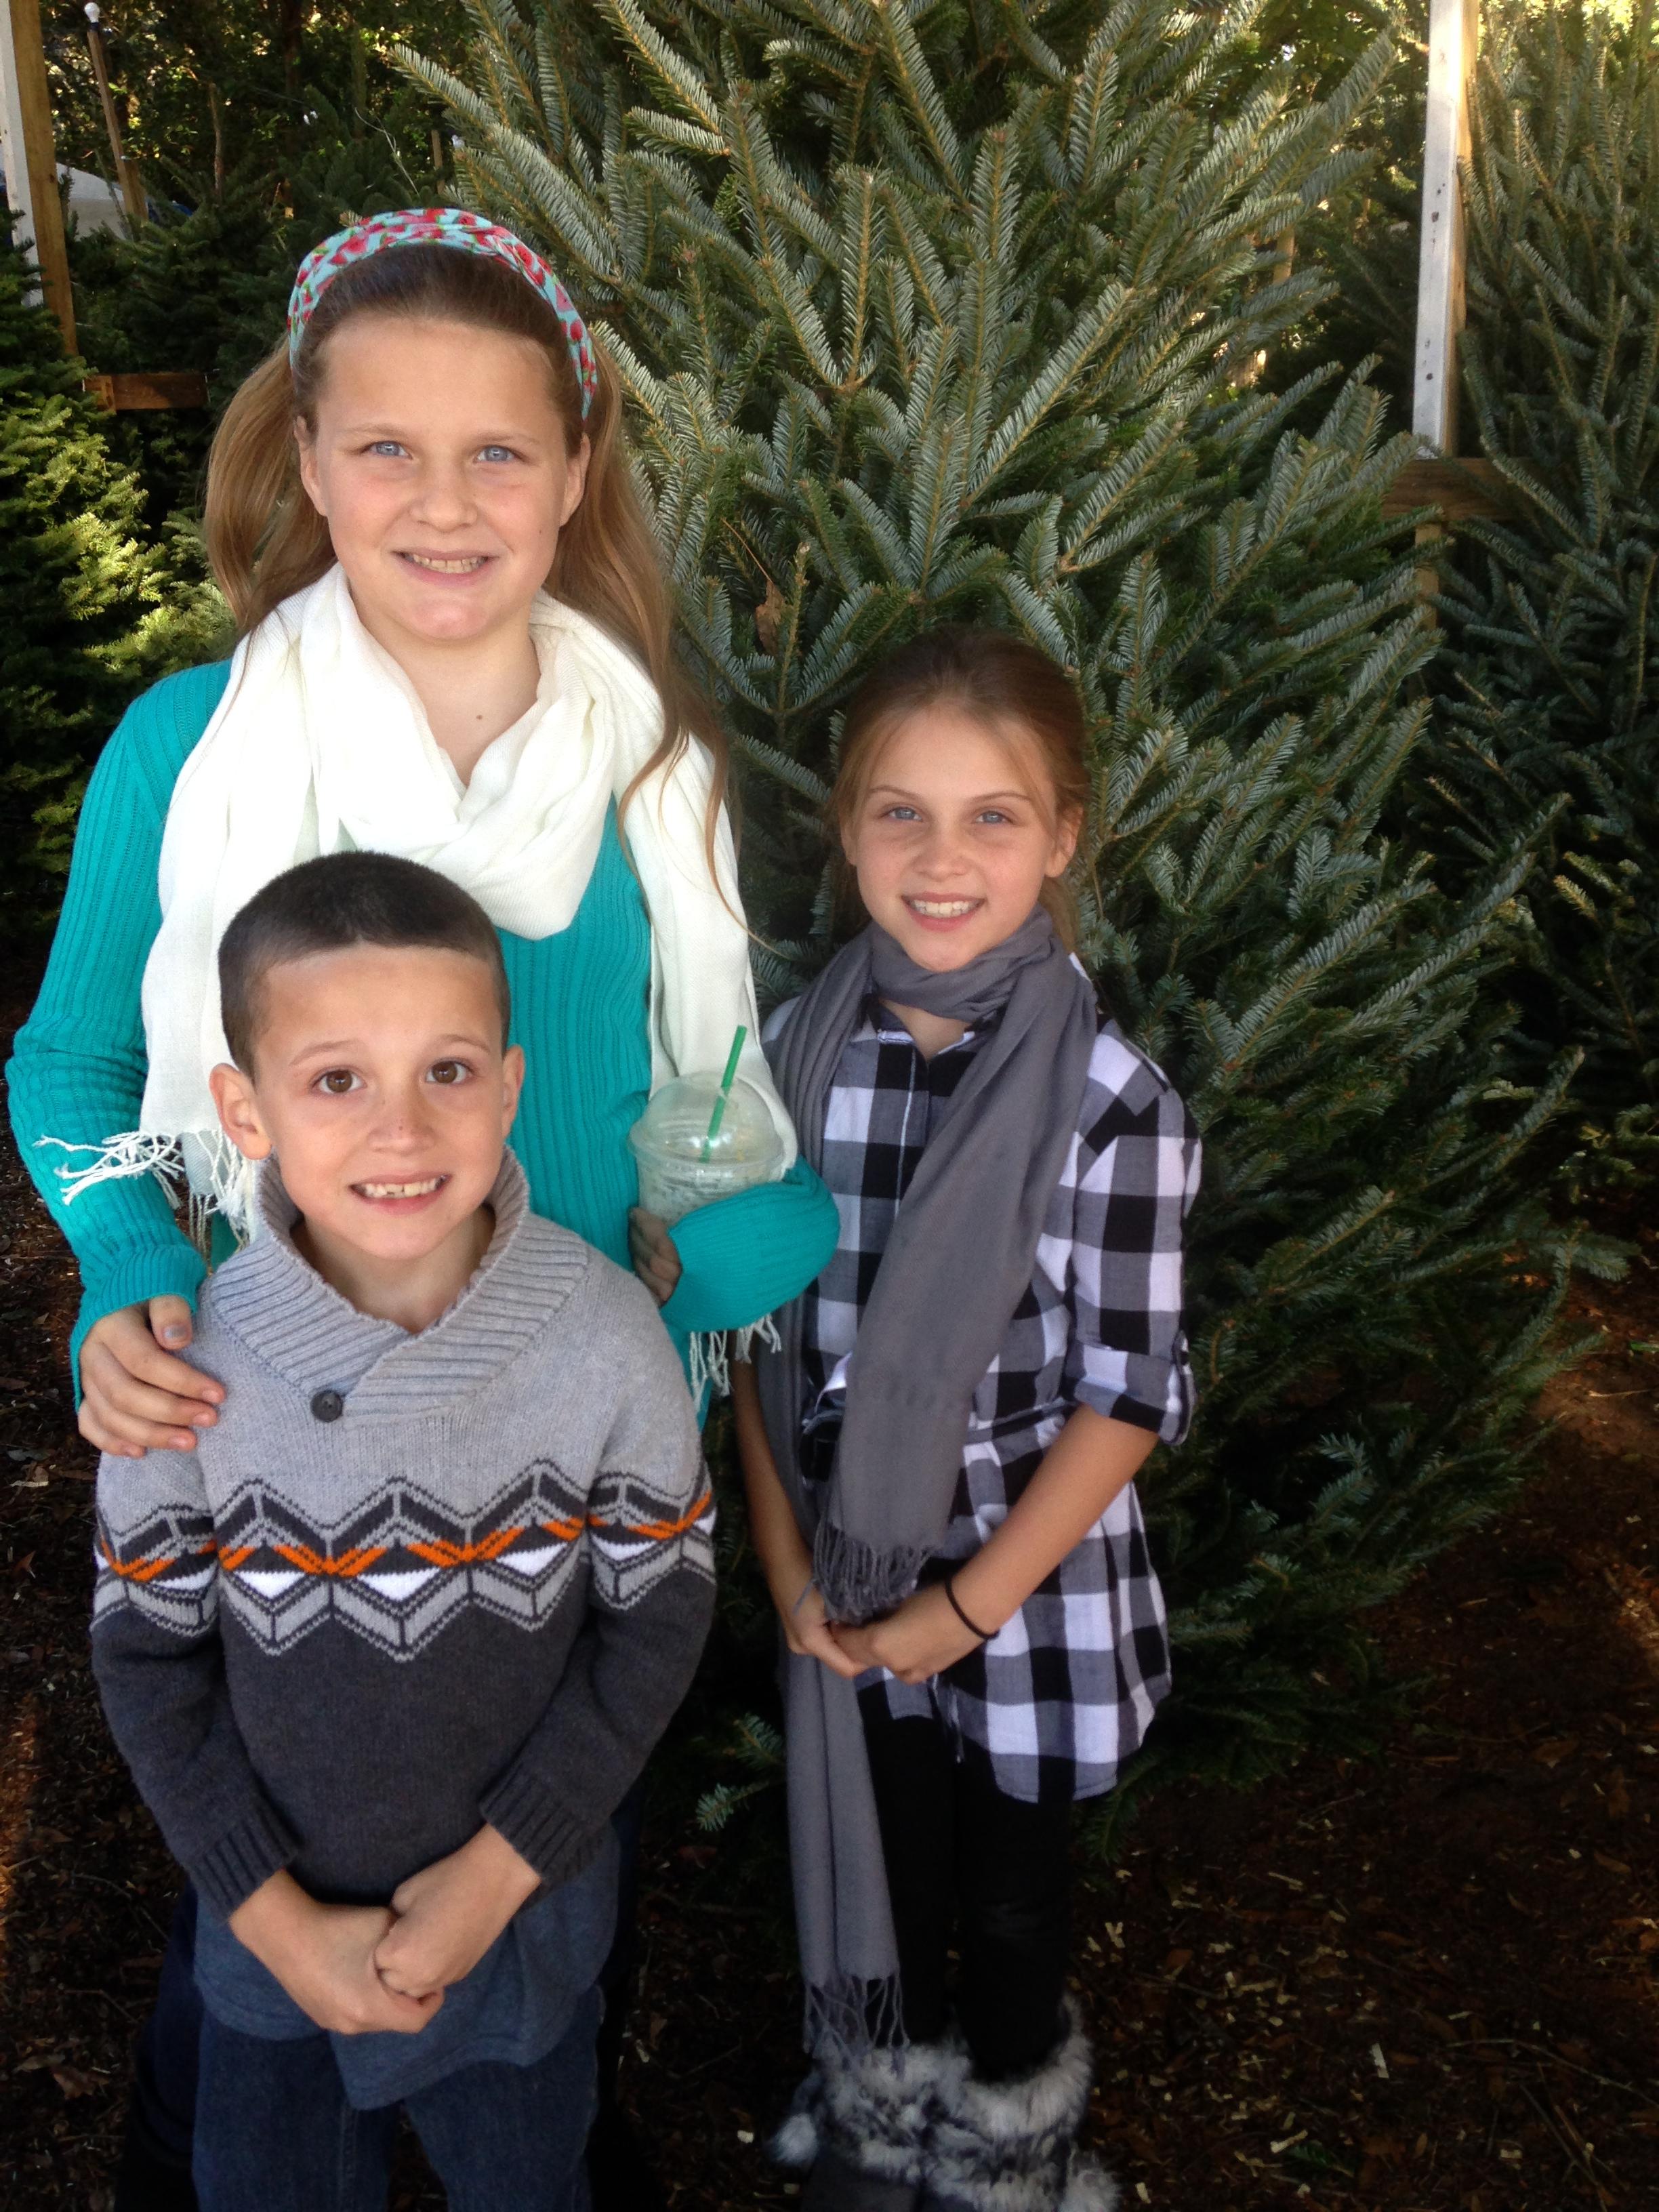 Dave's Christmas Tree Lot image 97